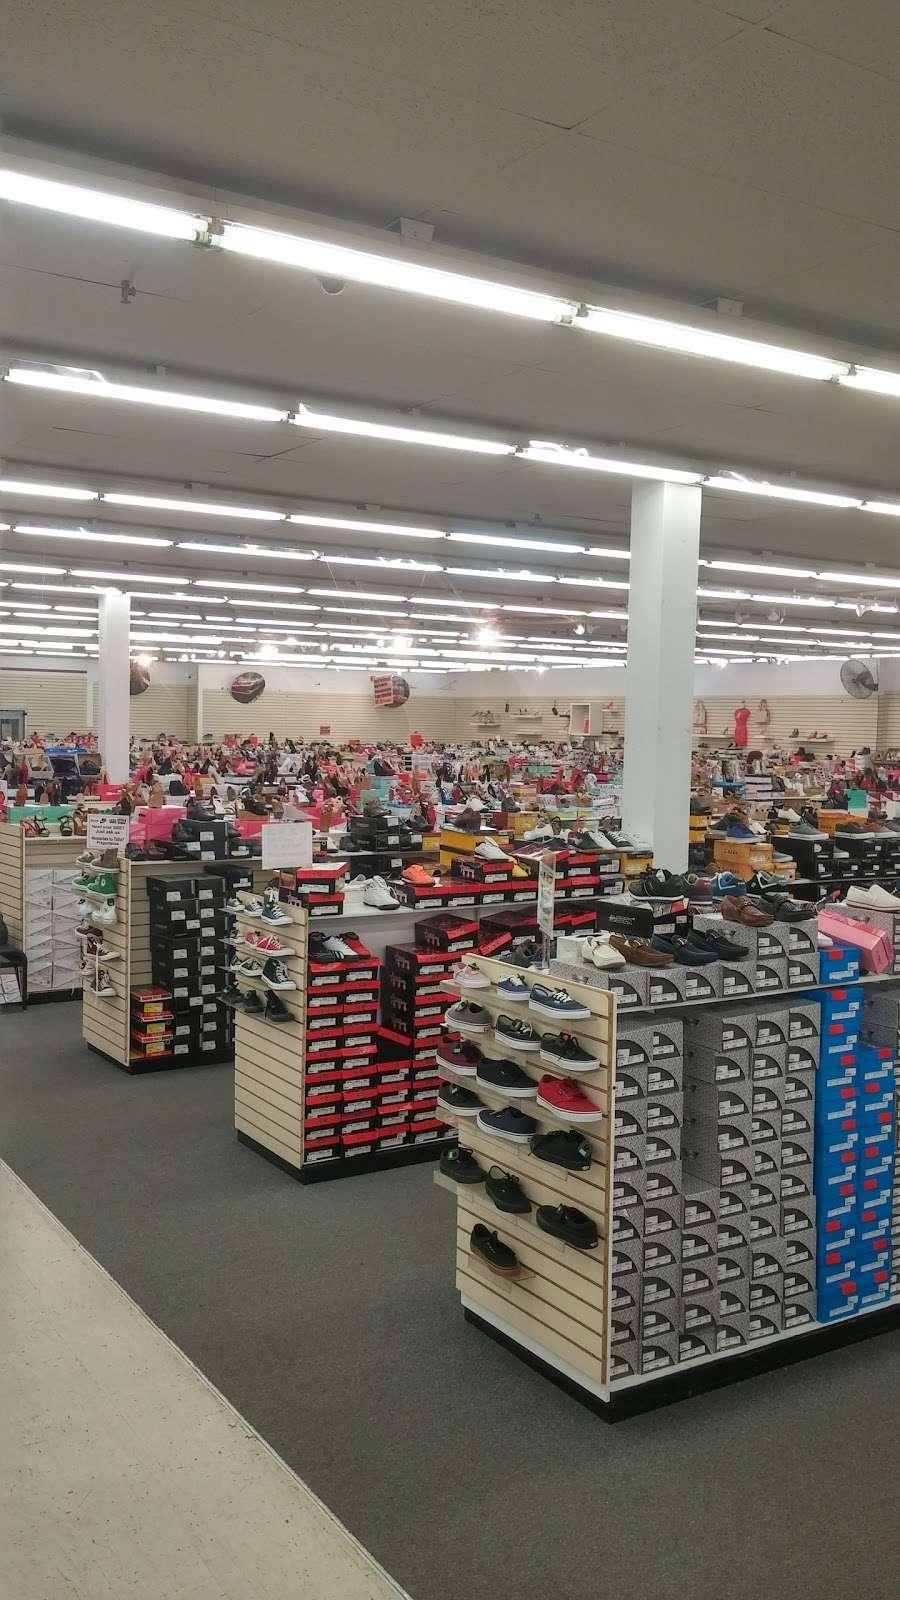 Viva Fashion Mart - clothing store  | Photo 8 of 10 | Address: 4305 State Ave, Kansas City, KS 66102, USA | Phone: (913) 287-8008